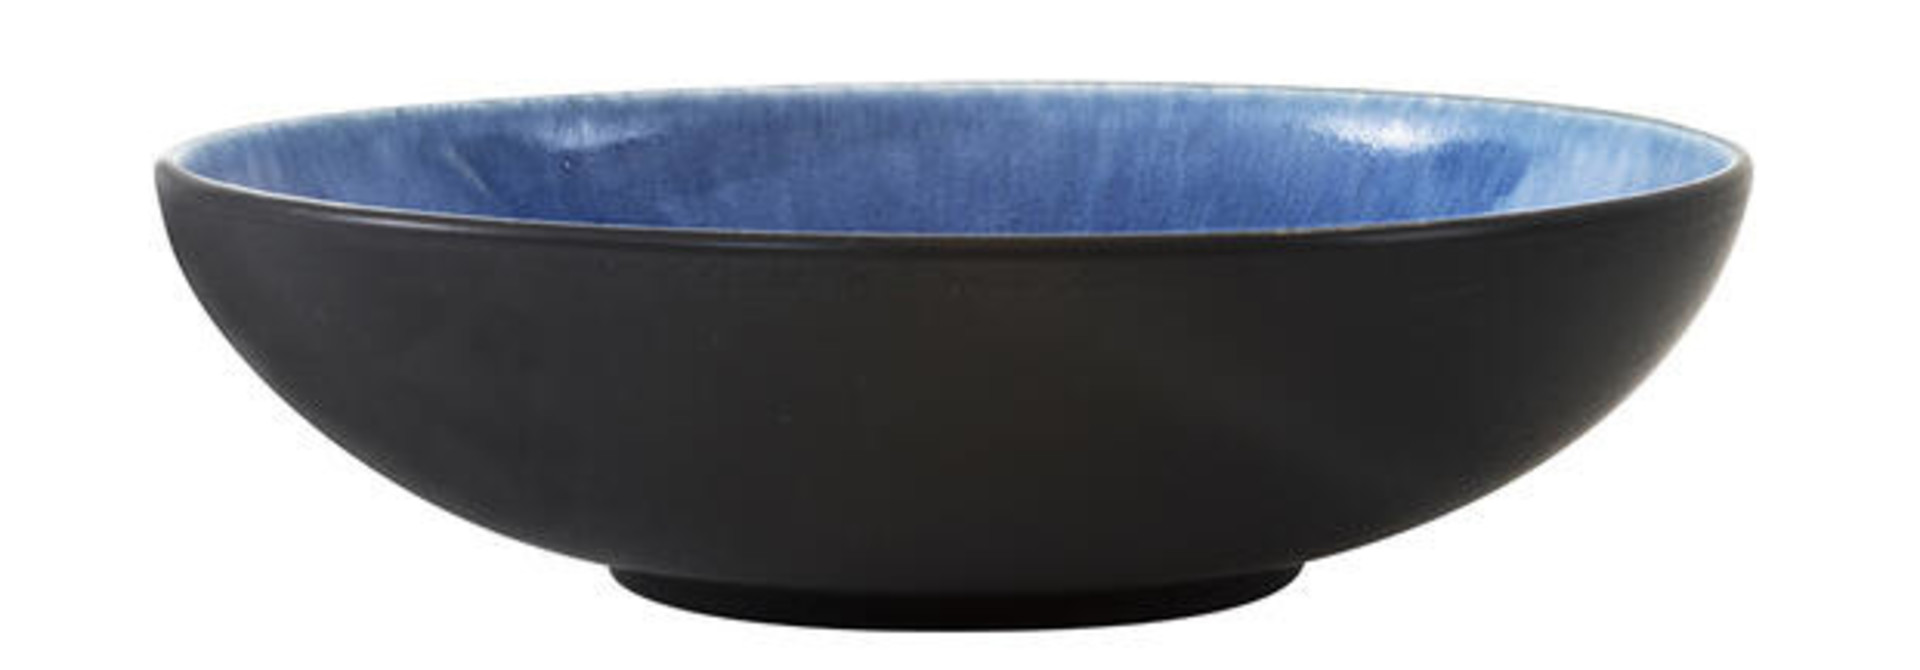 Pasta Plate - Tourron - Linen Blue